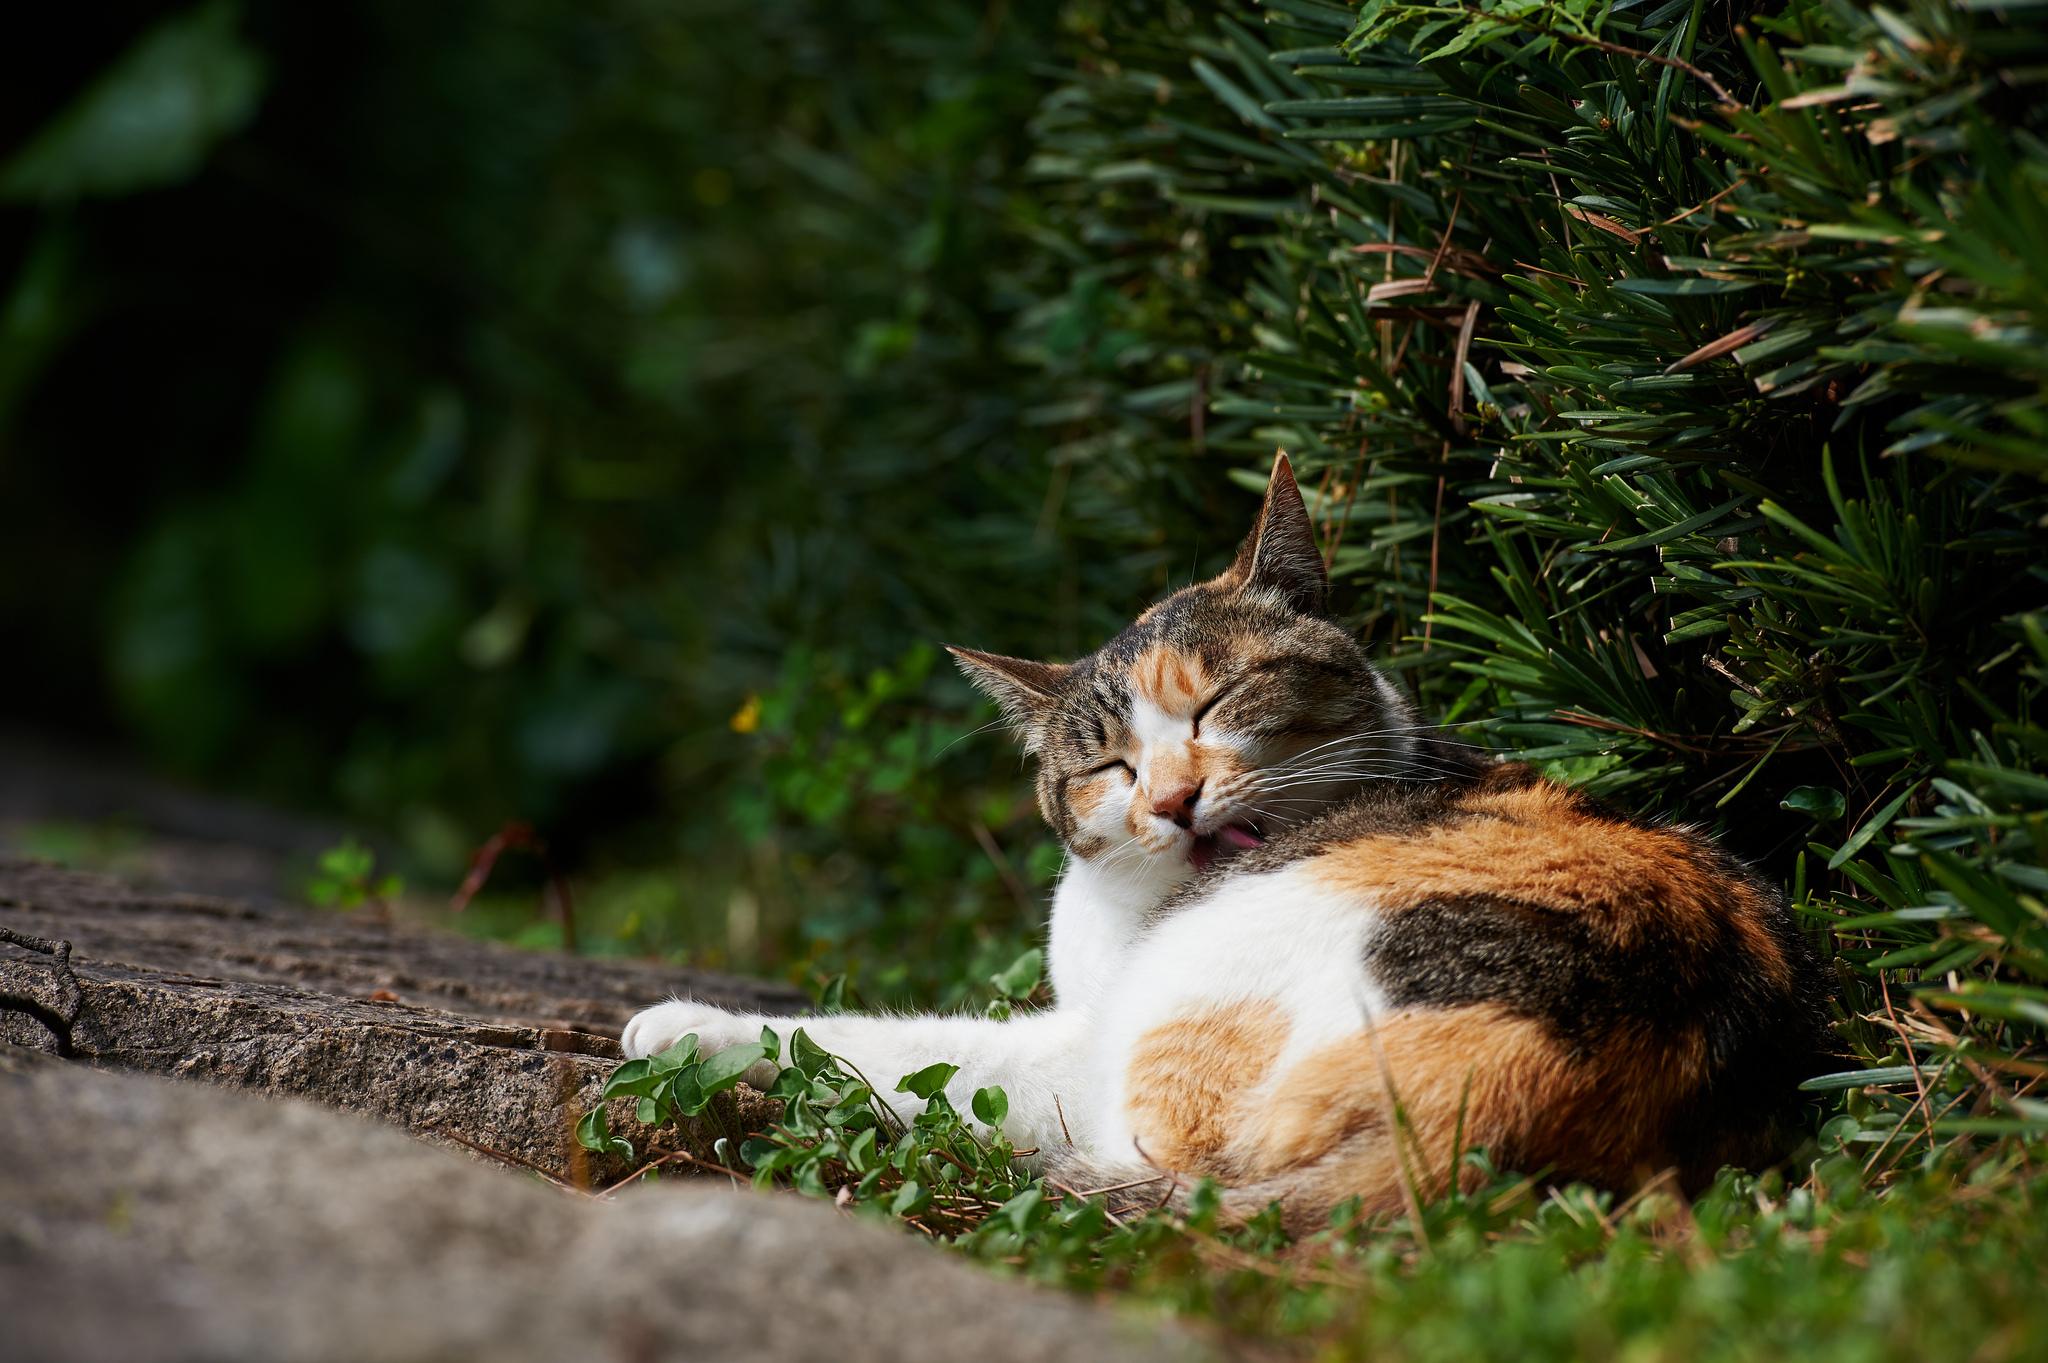 壁纸 动物 猫 猫咪 小猫 桌面 2048_1363